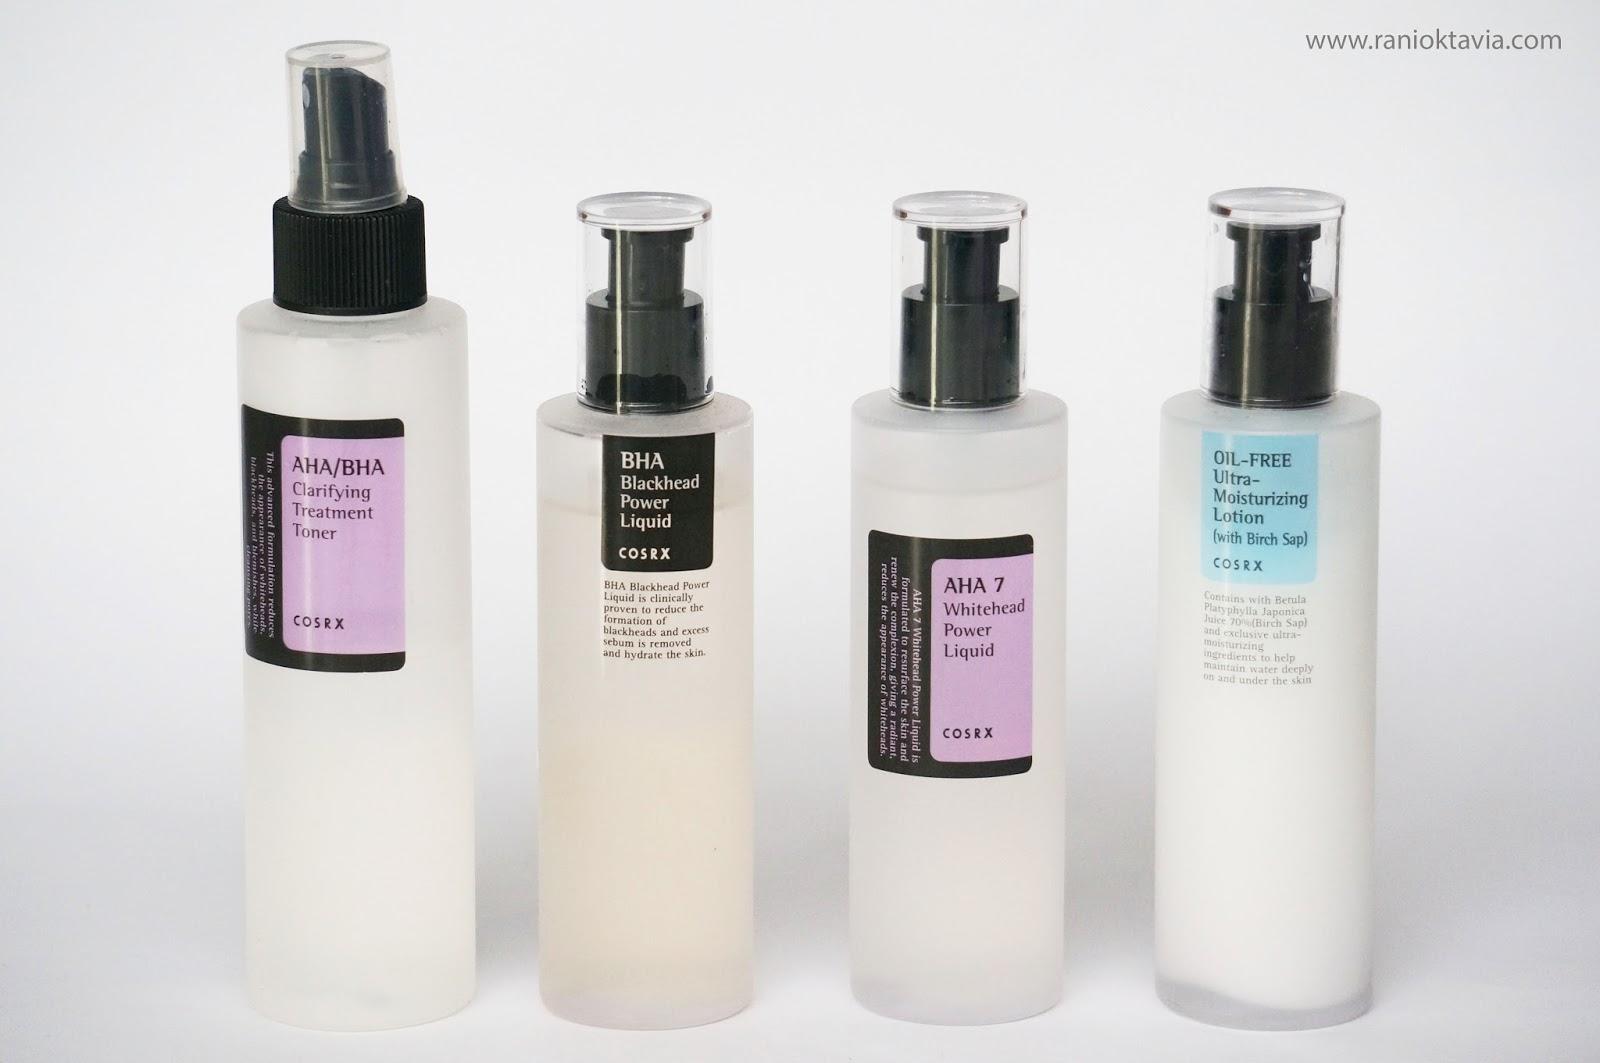 Skincare Review Rekomendasi Cosrx Untuk Kulit Berminyak